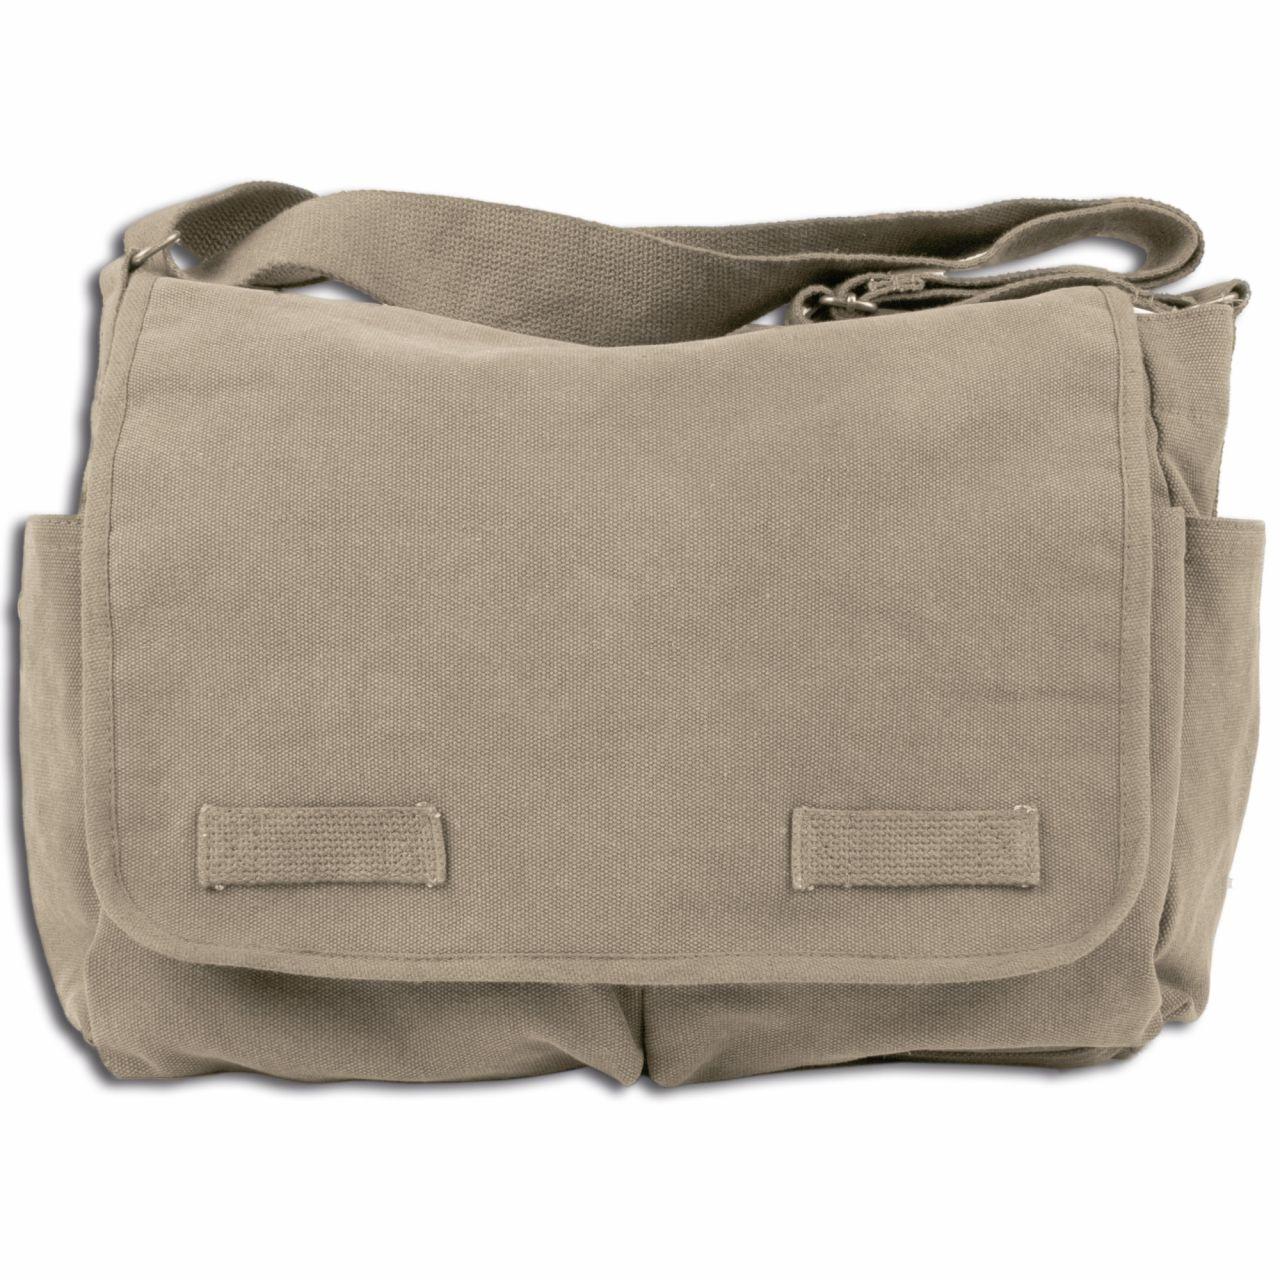 Bolsa bandolera Messenger Bag Classic caqui